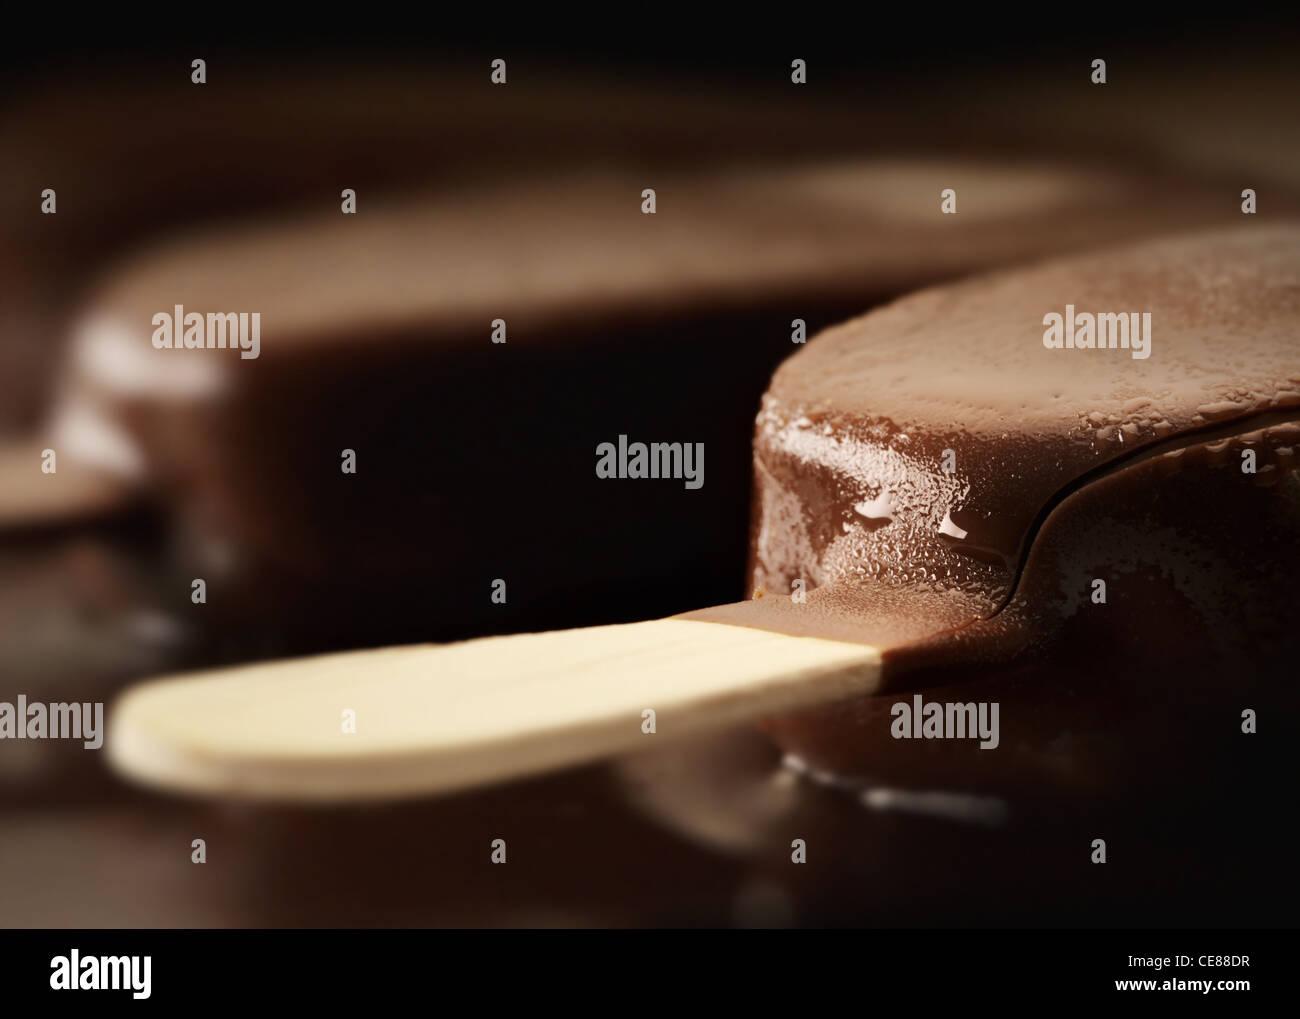 Melting Ice Cream Chocolate Bar Close-up - Stock Image